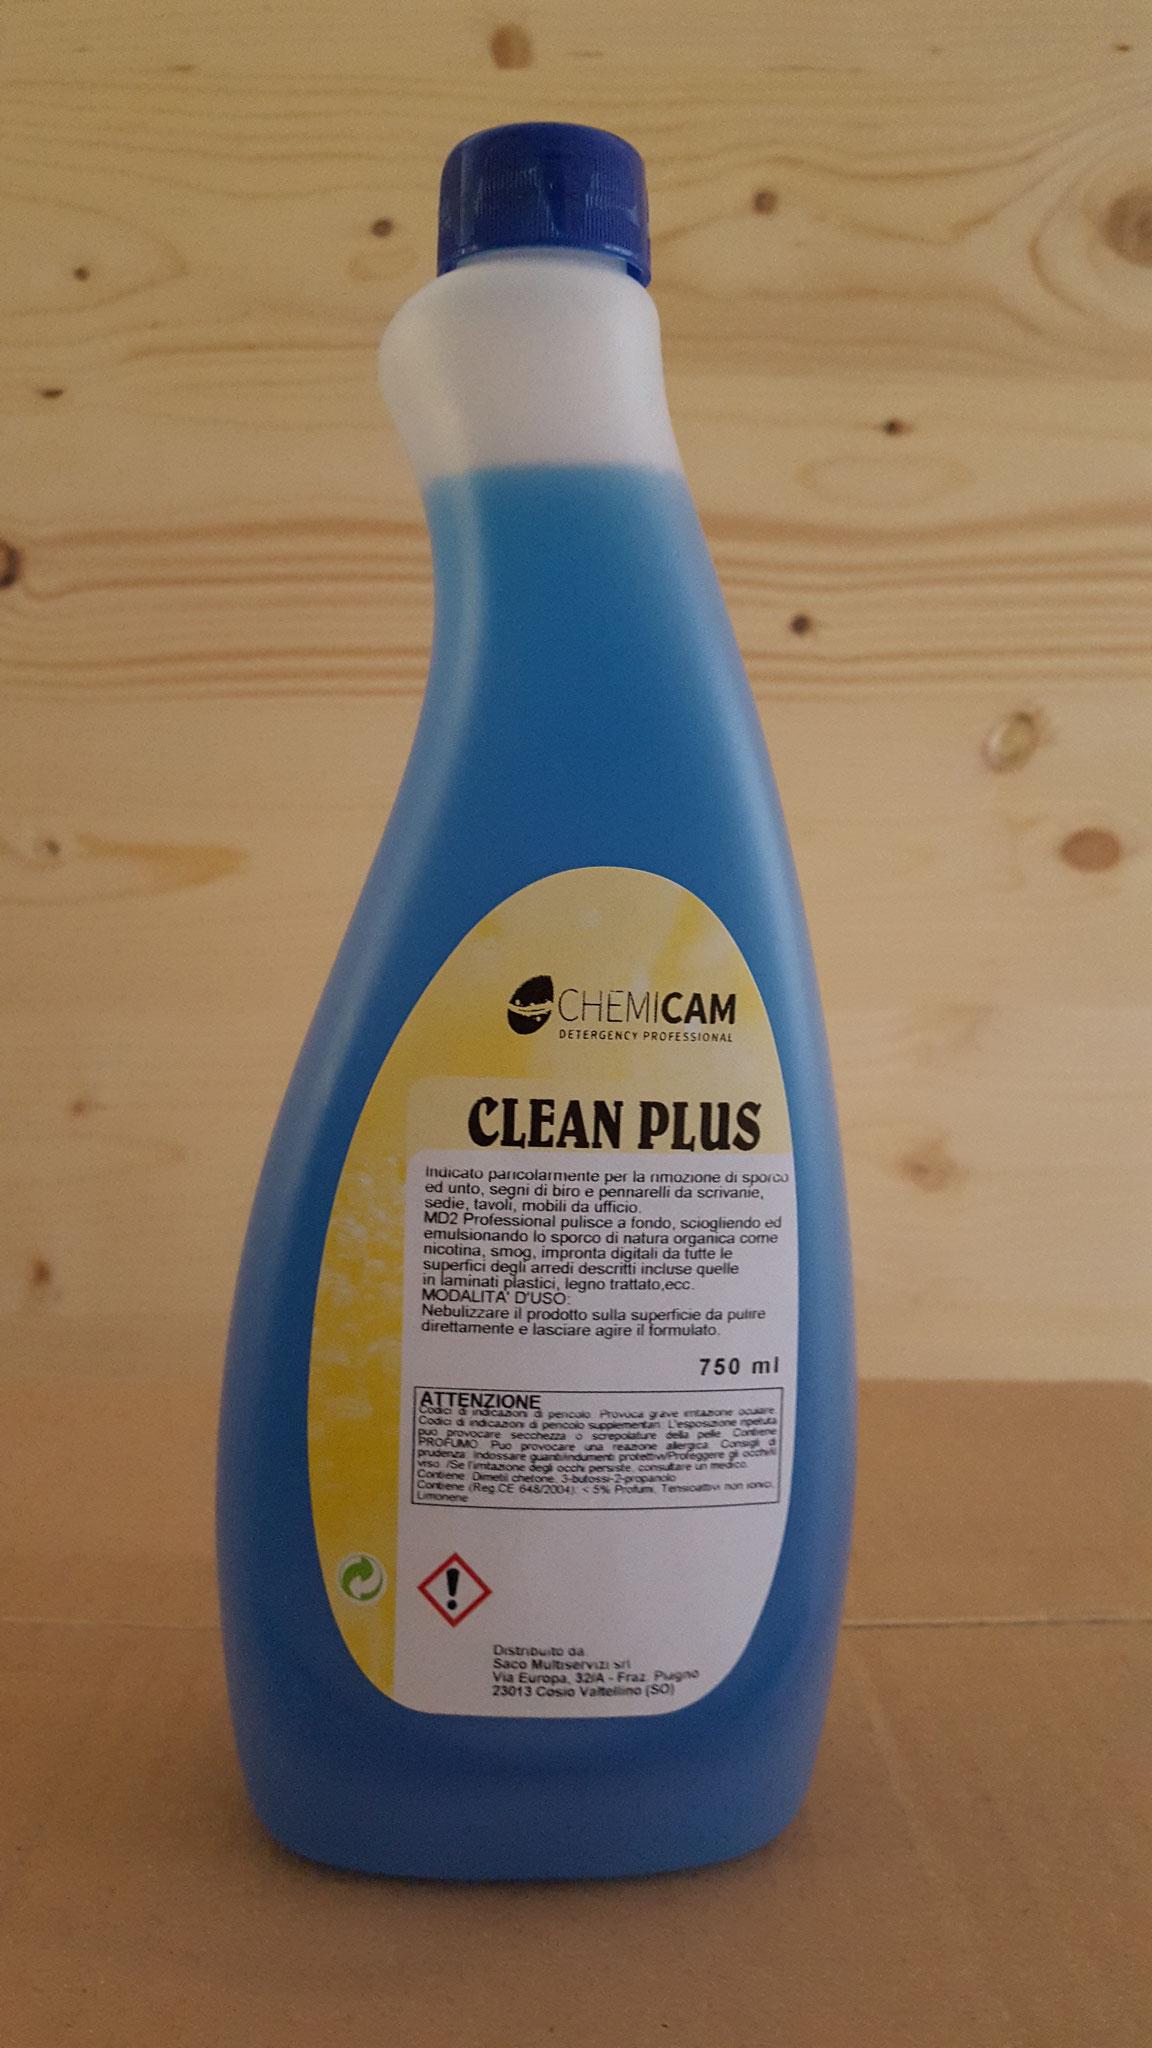 CLEAN PLUS - Detergente per pulizia di sporchi grassi e sintetici